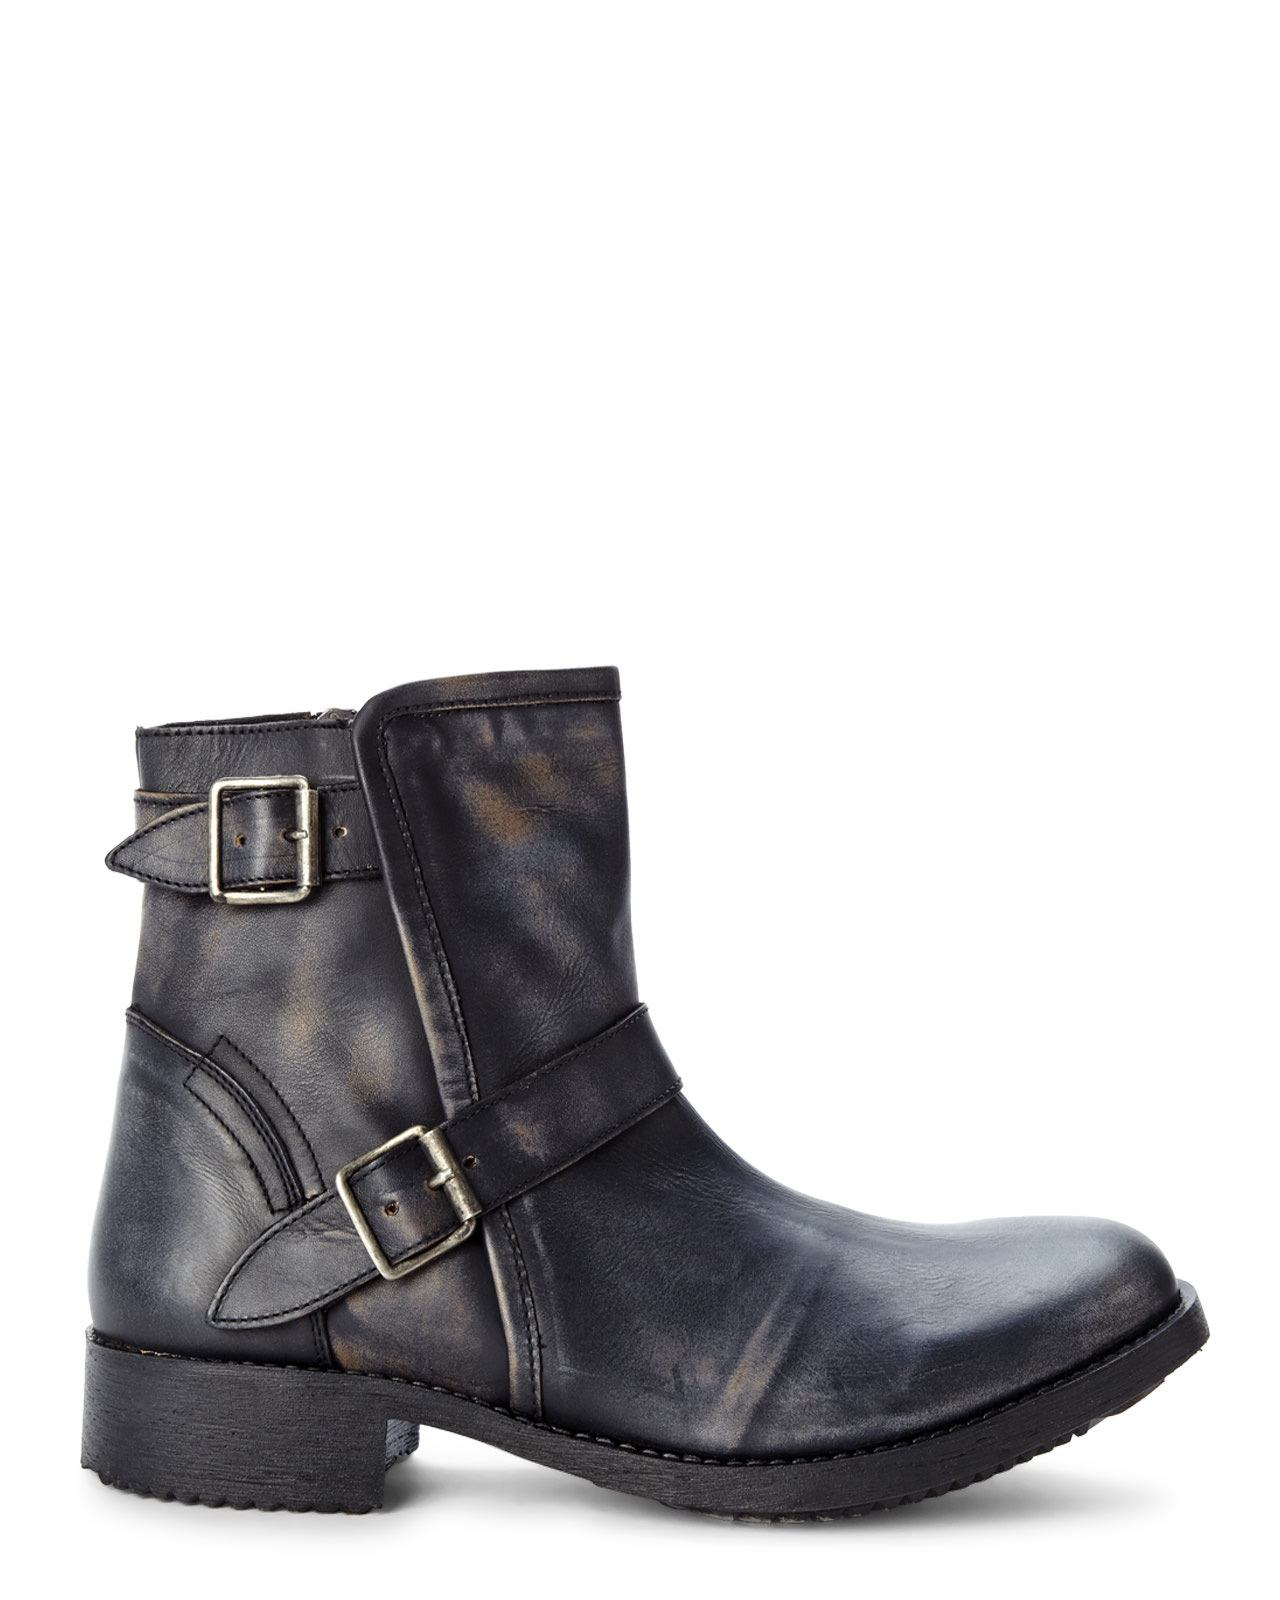 c09fd203607 Steve Madden Black Acksiz Buckle Boots for men